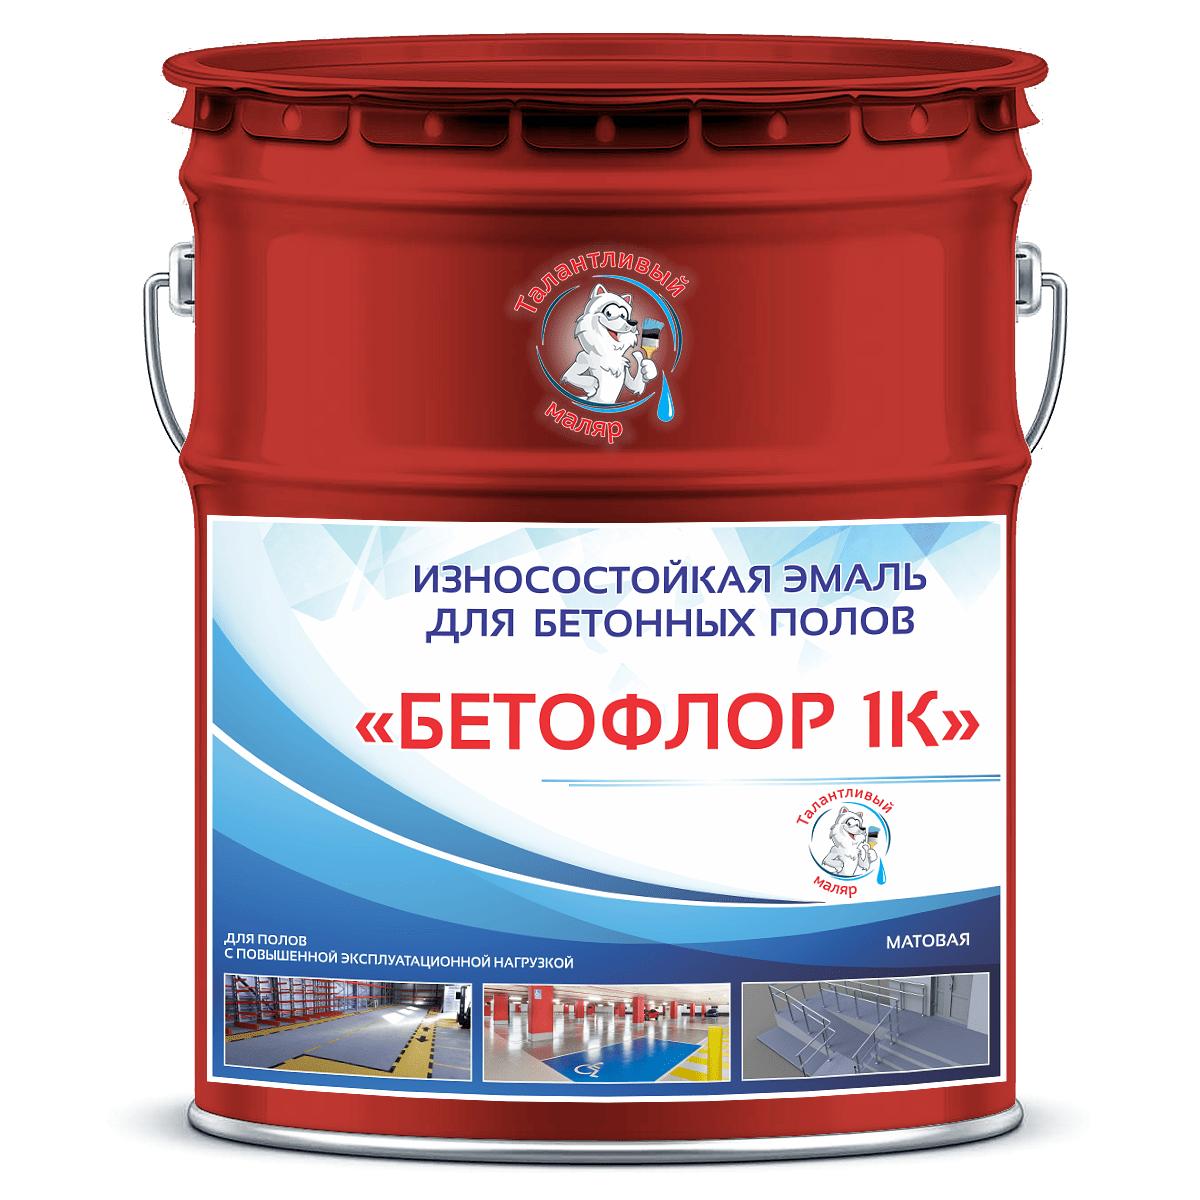 """Фото 2 - BF3013 Эмаль для бетонных полов """"Бетофлор"""" 1К цвет RAL 3013 Томатно-красный, матовая износостойкая, 25 кг """"Талантливый Маляр""""."""